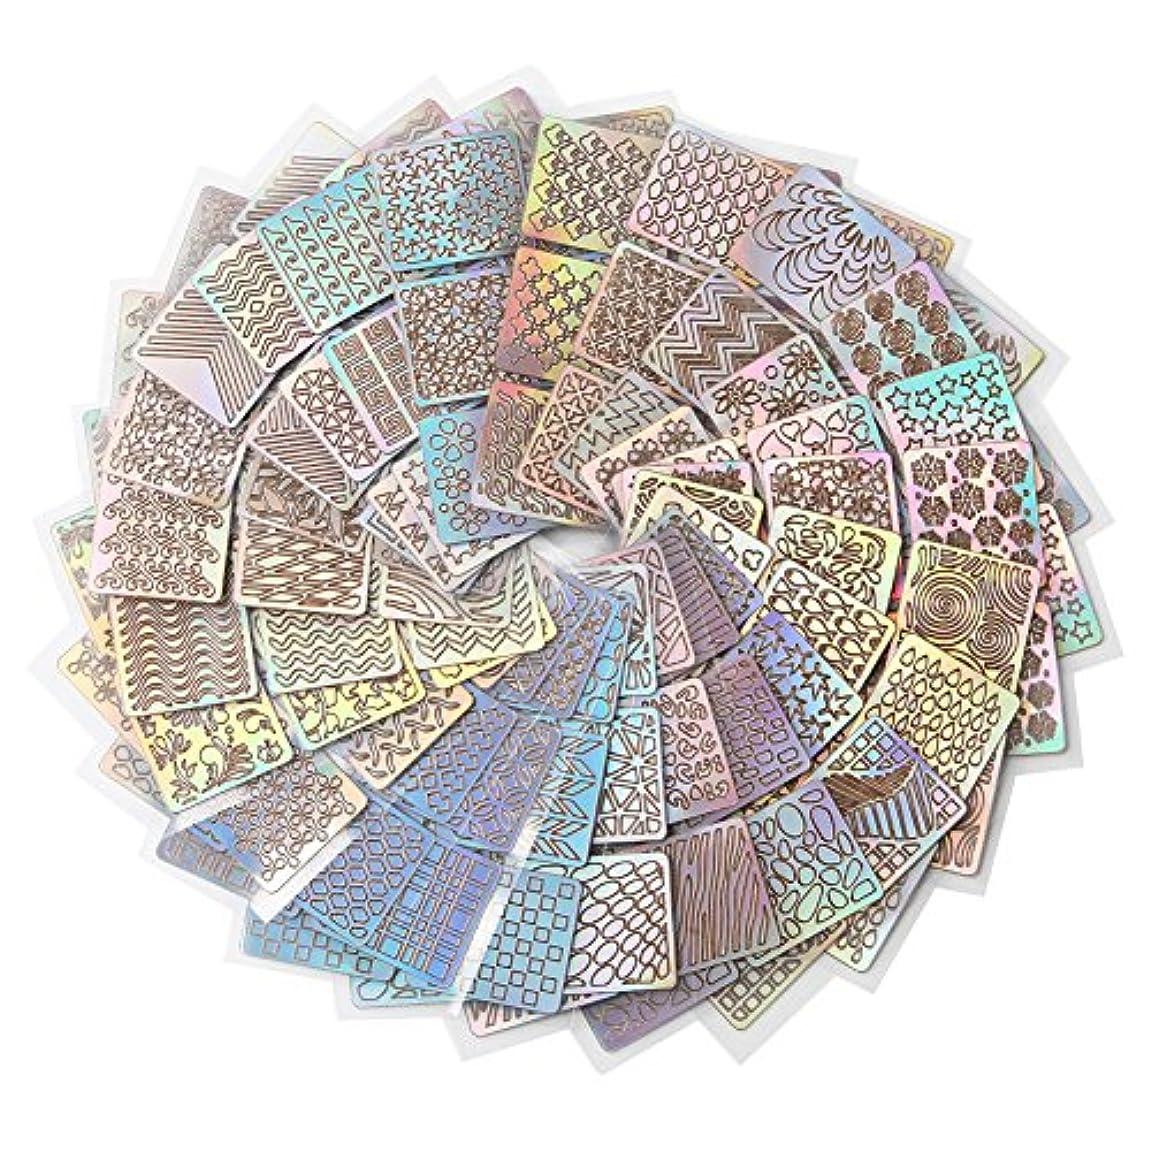 入場料成熟した観客Demiawaking ネイル用装飾 可愛いネイル飾り テープ ネイル パーツ ネイルーシール 今年流行ネイティブ柄ネイルステッカー 24枚セット